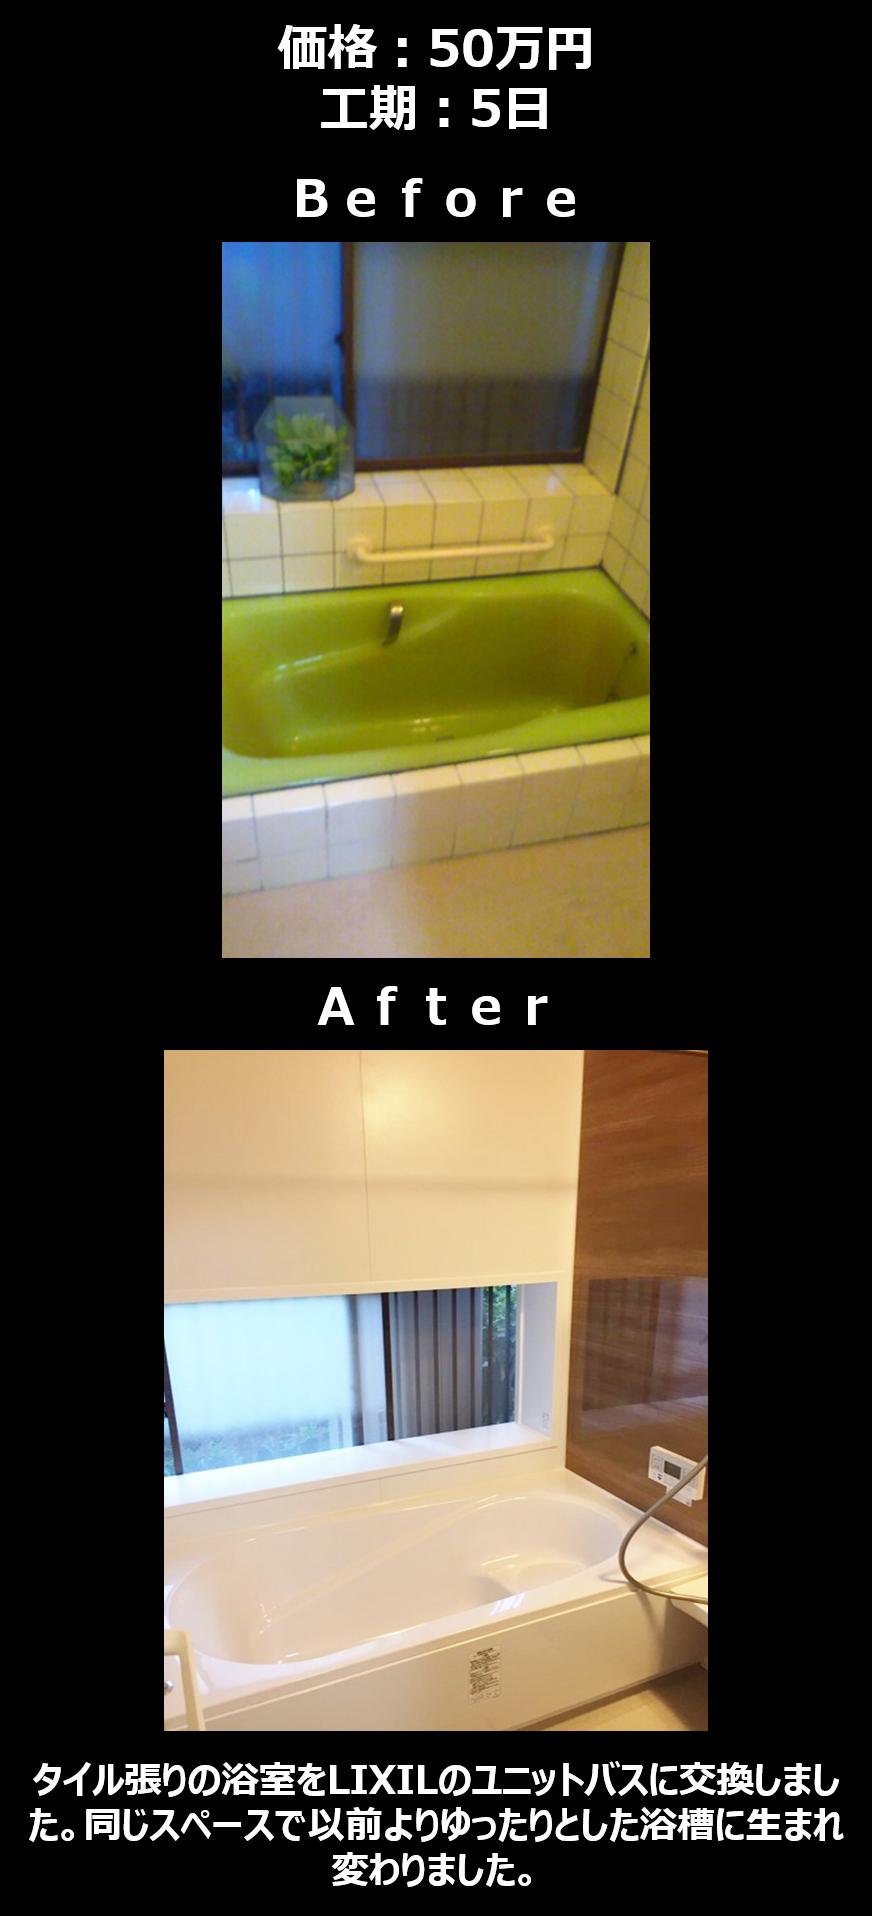 ベーシッククラスのお風呂の事例(価格帯:50万円〜)